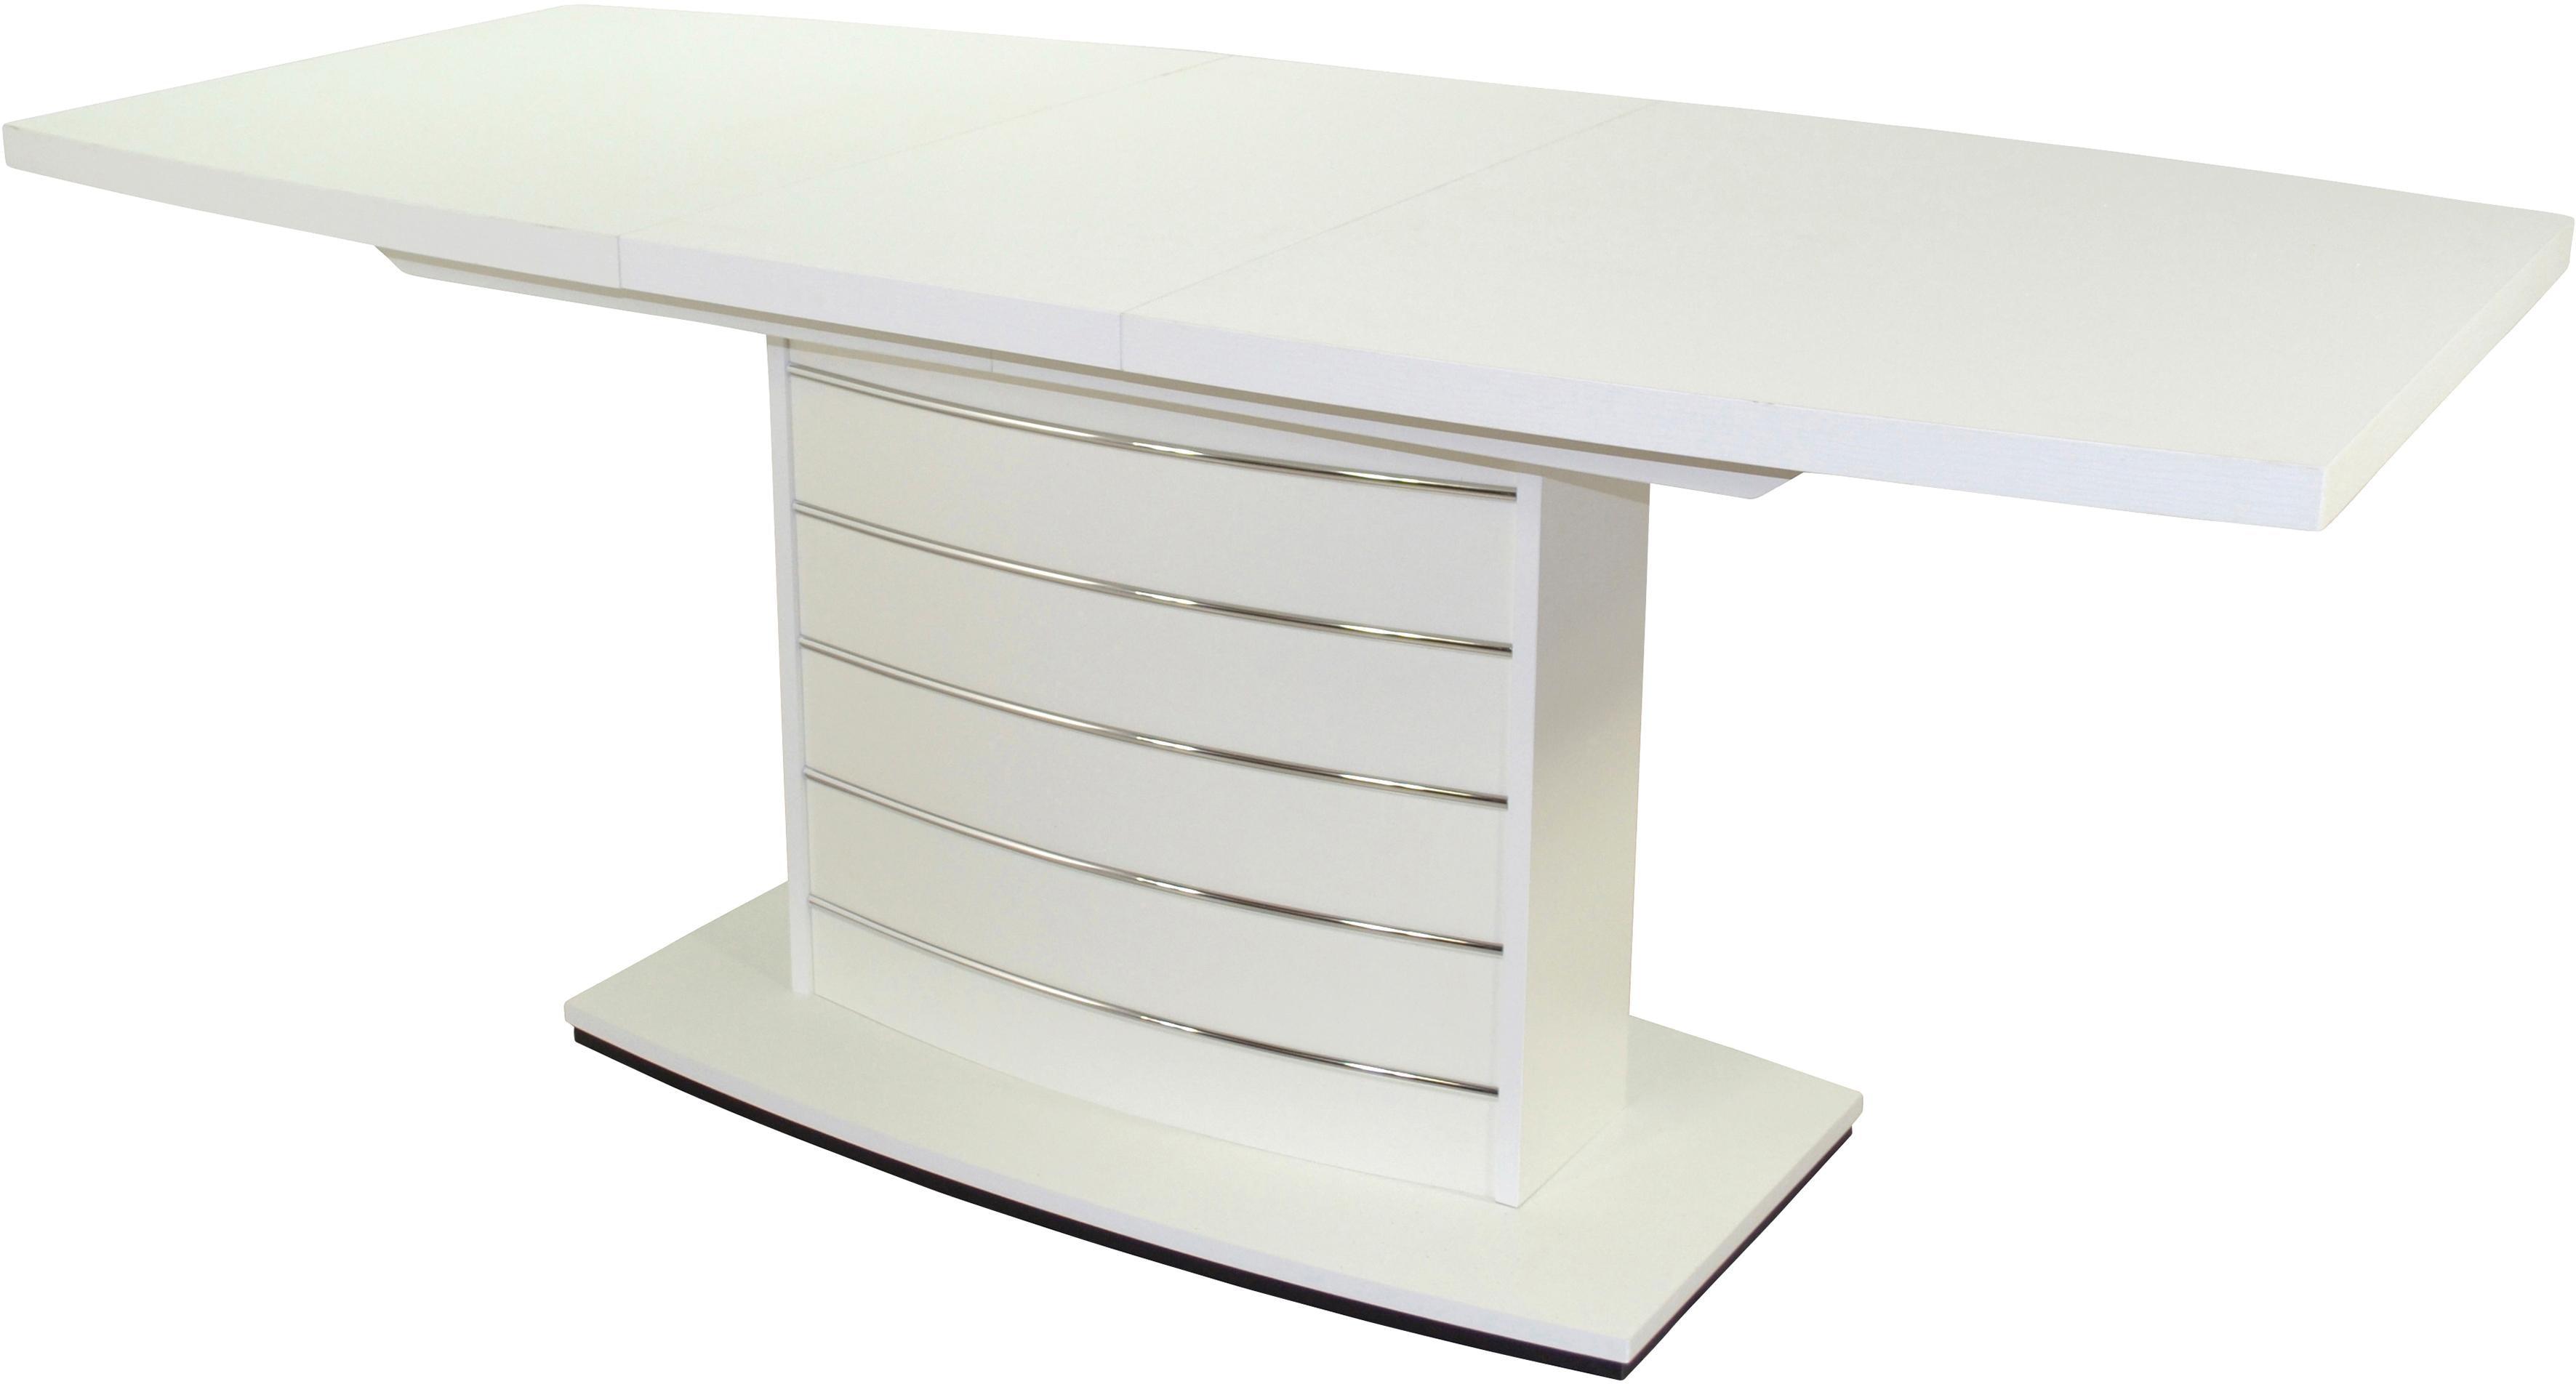 Säulen-Esstisch Malibu, Breite 140 cm weiß Ausziehbare Esstische Tische